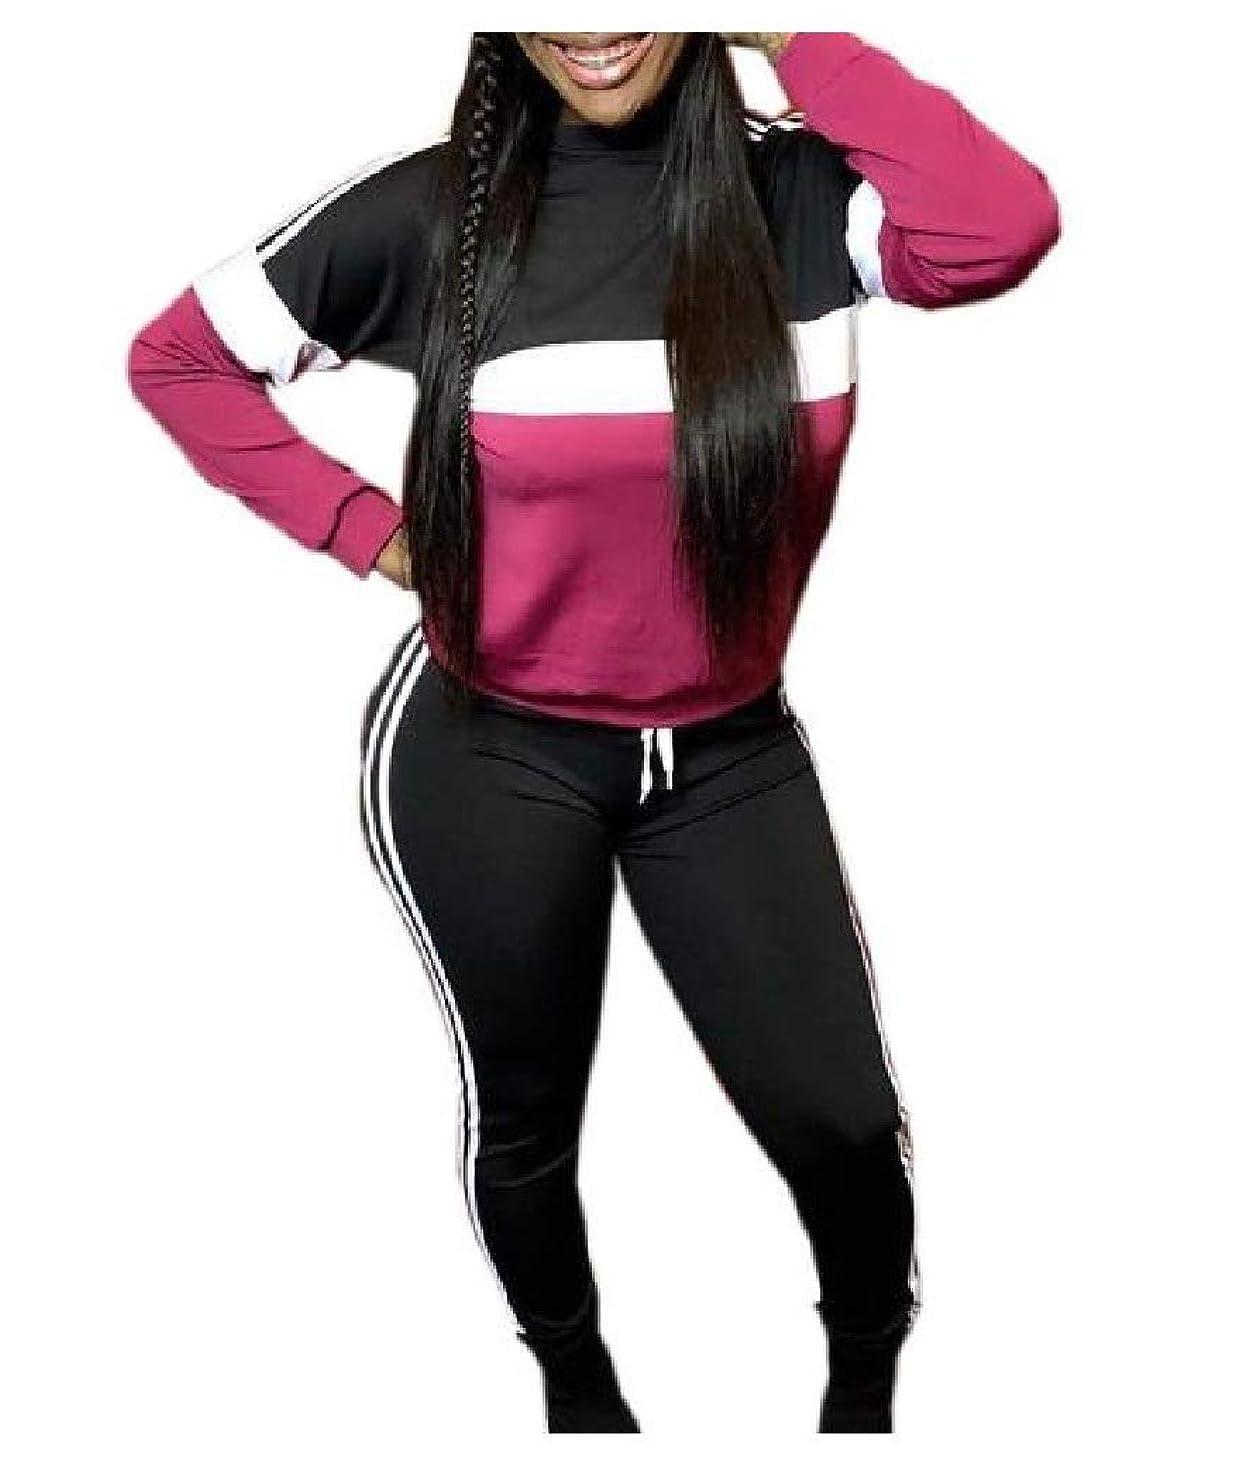 インフレーションドリル条約Romancly Women Athletic Casual Patched Tops Outwear and Pants Outfit